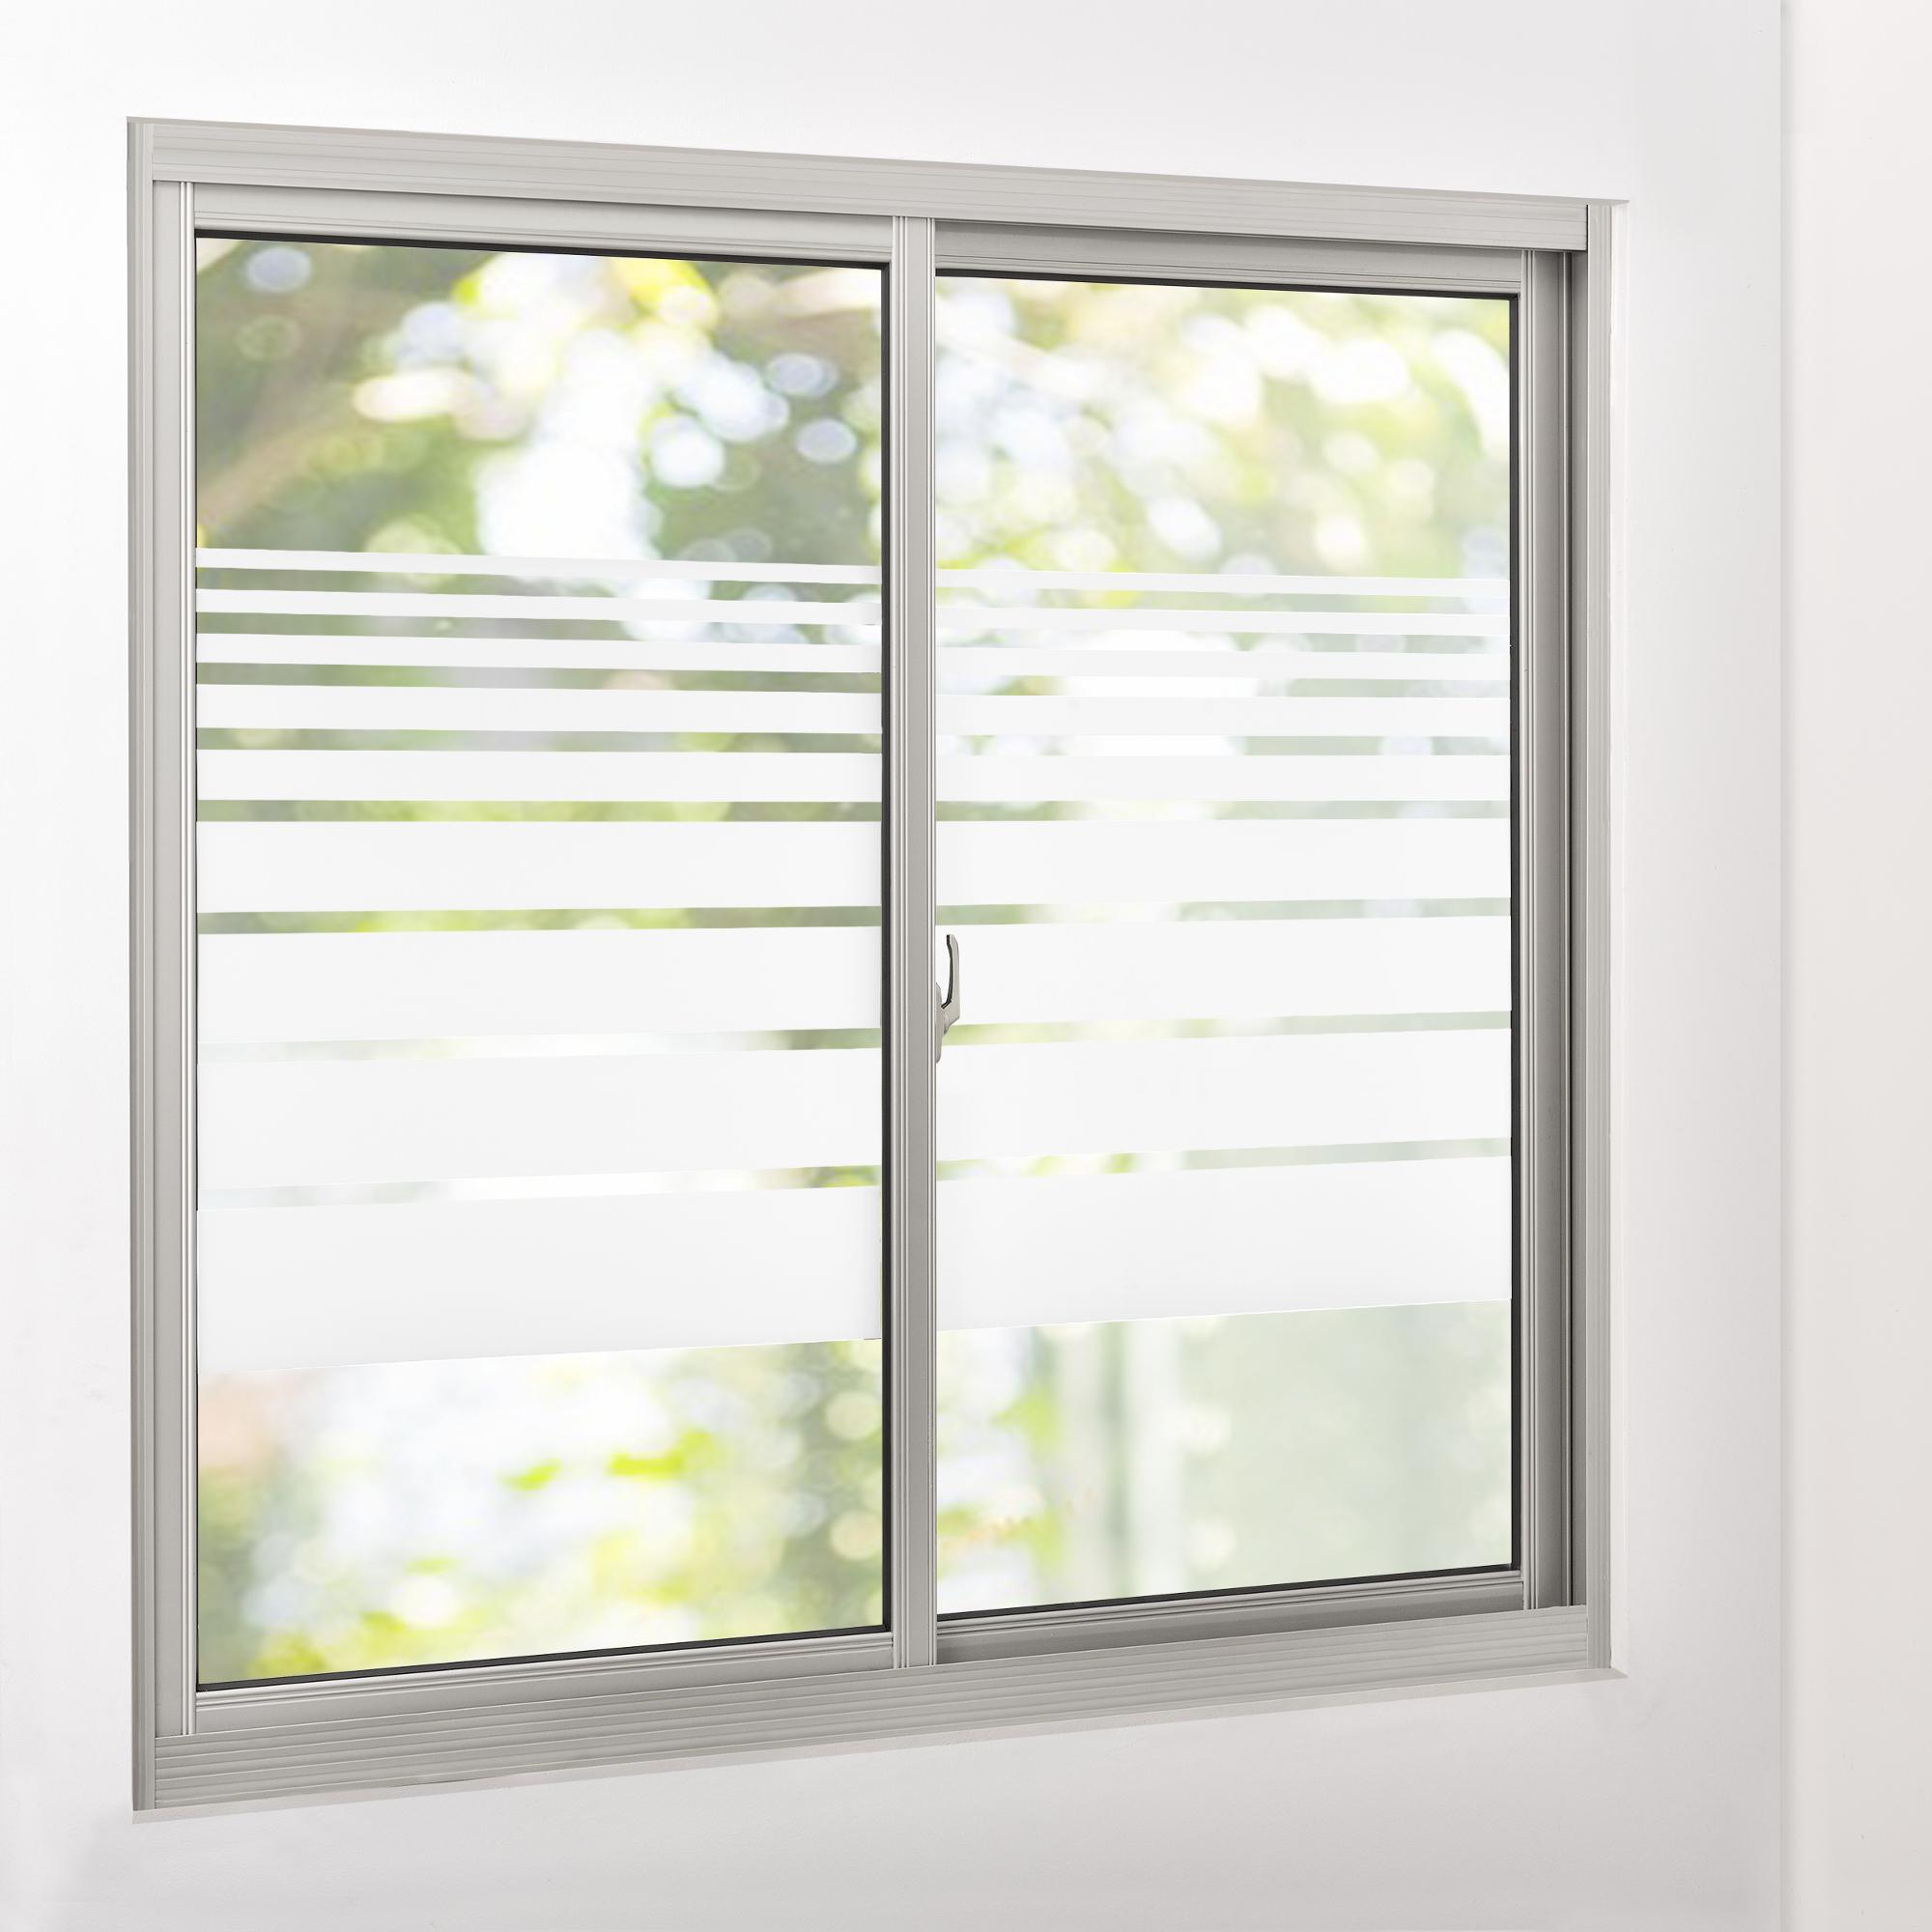 Sichtschutzfolie milchglas linien 67 5 cm x for Fensterfolie statisch